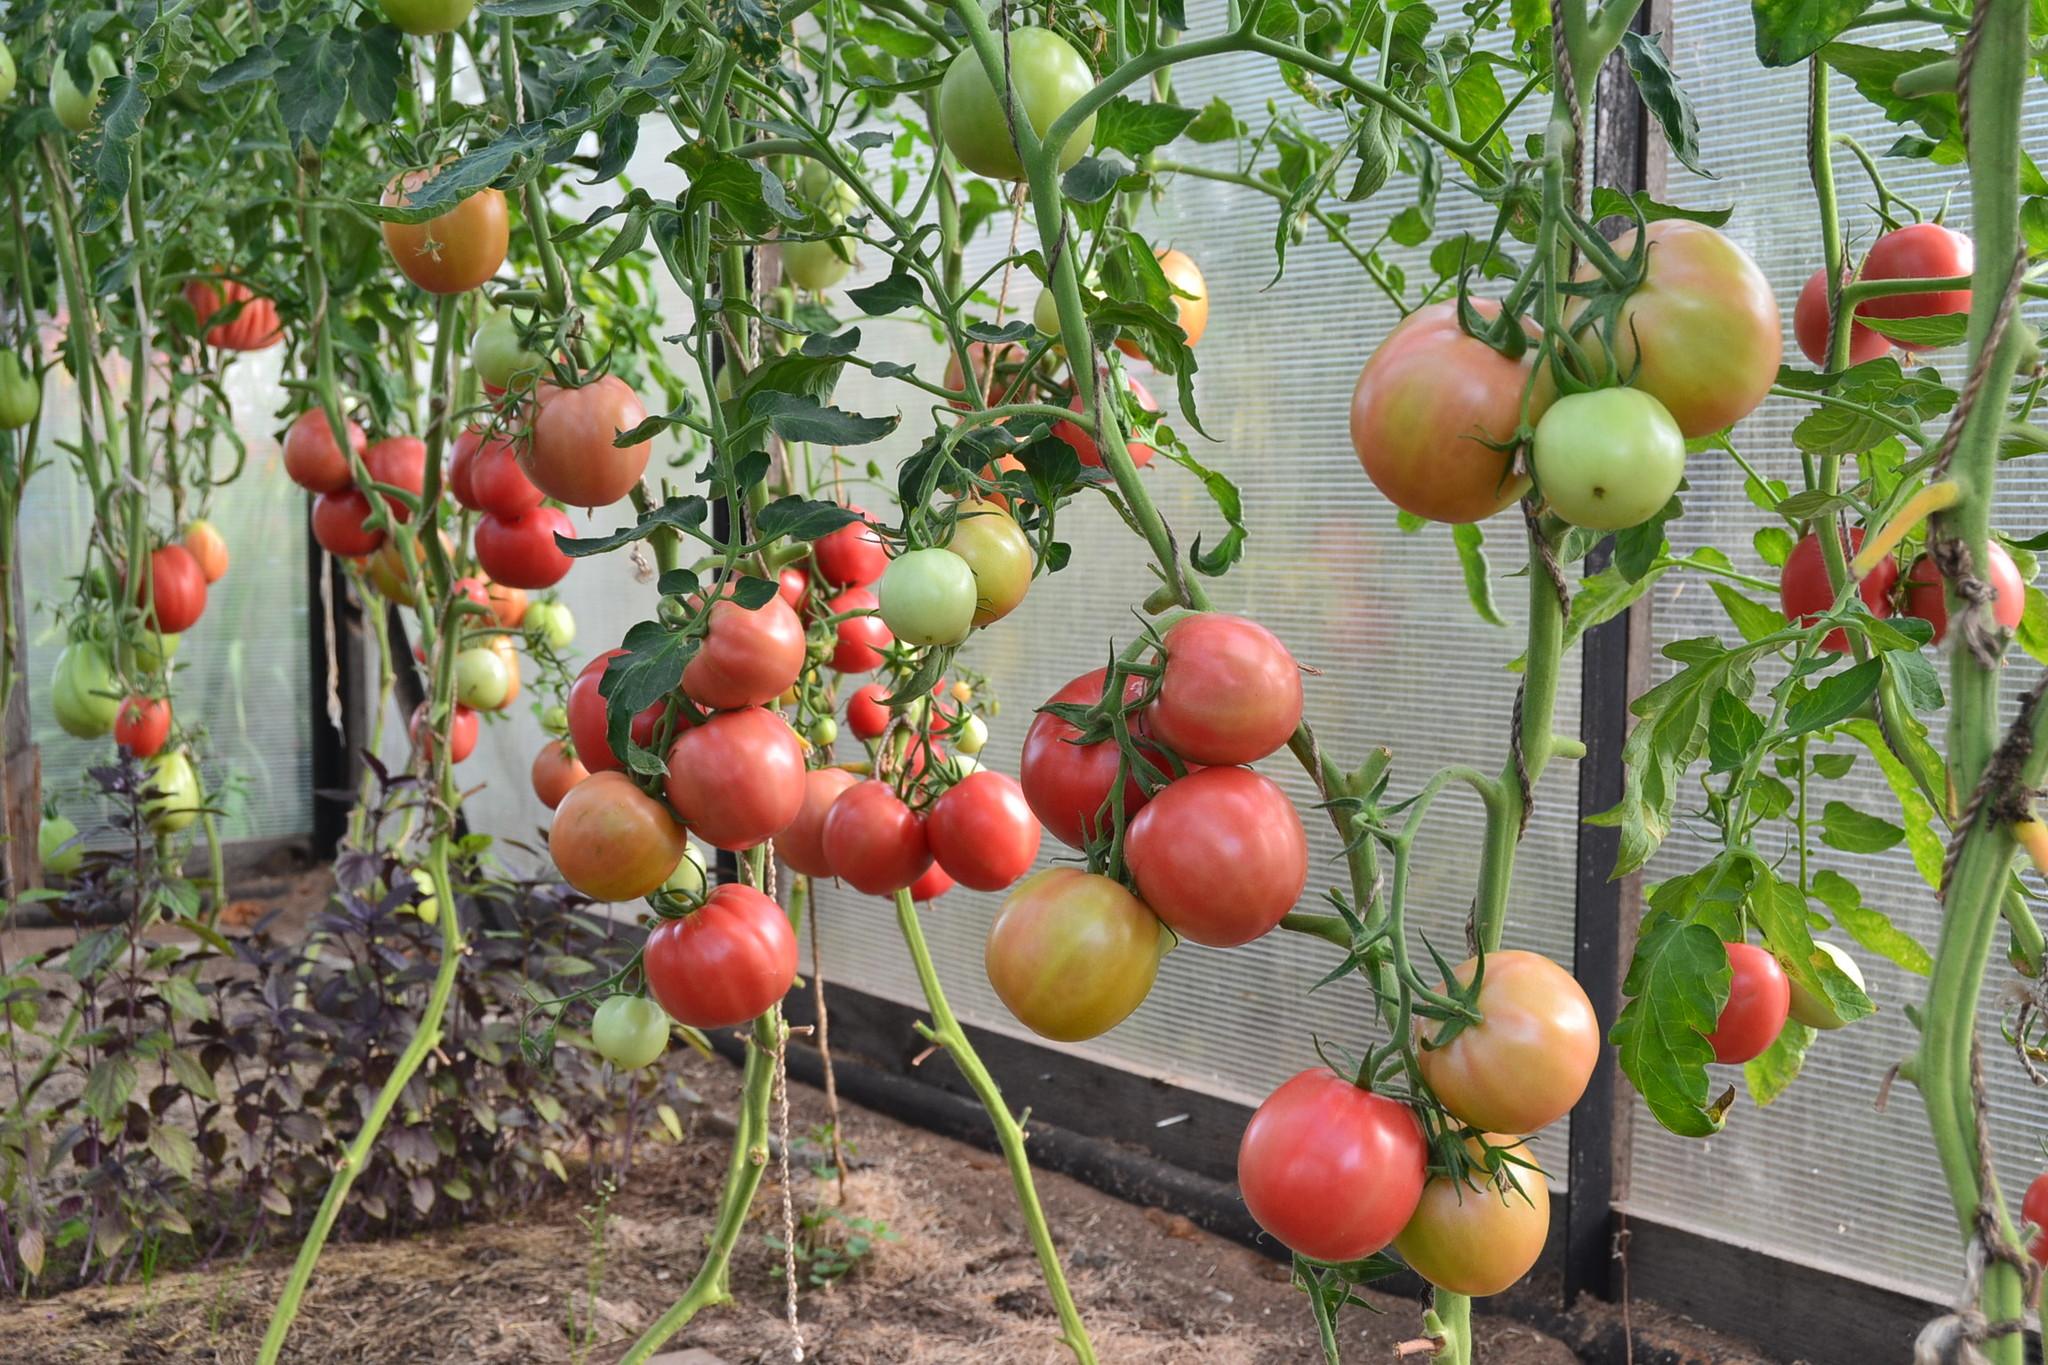 сорта помидор для урала для теплиц отзывы